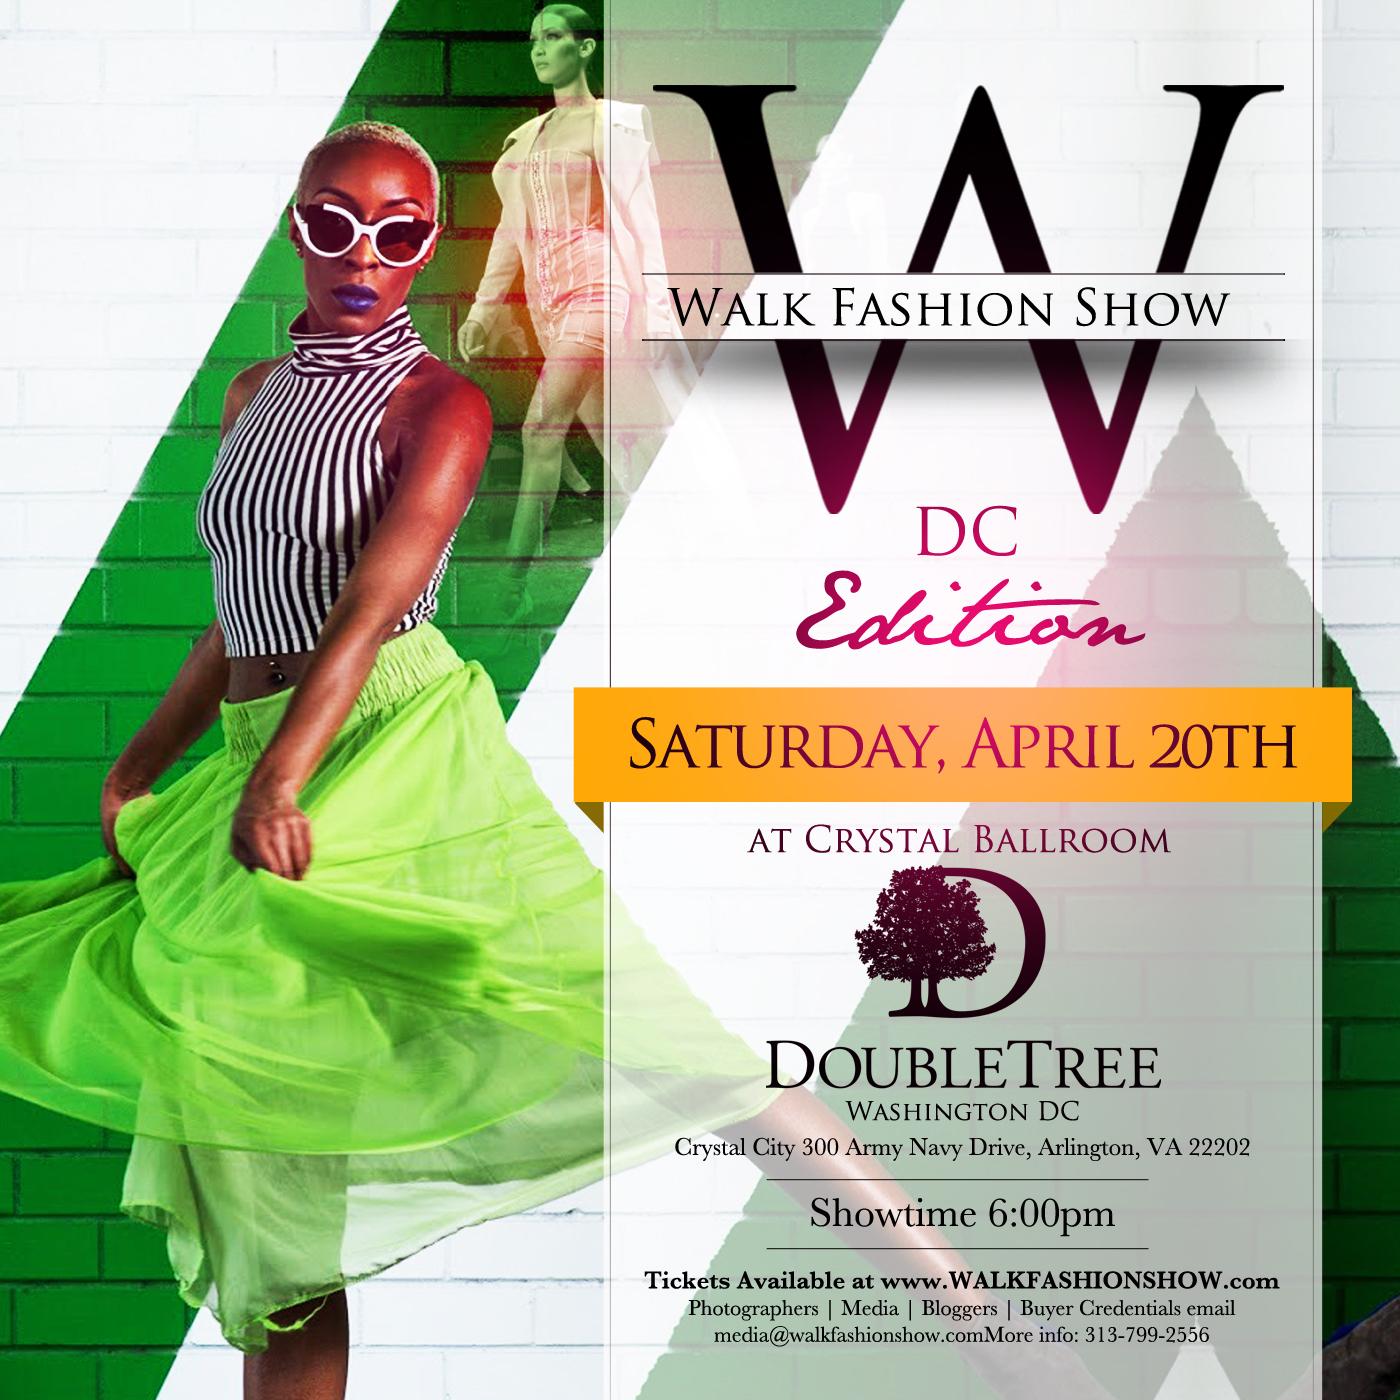 Walk fashion sho dc flyer